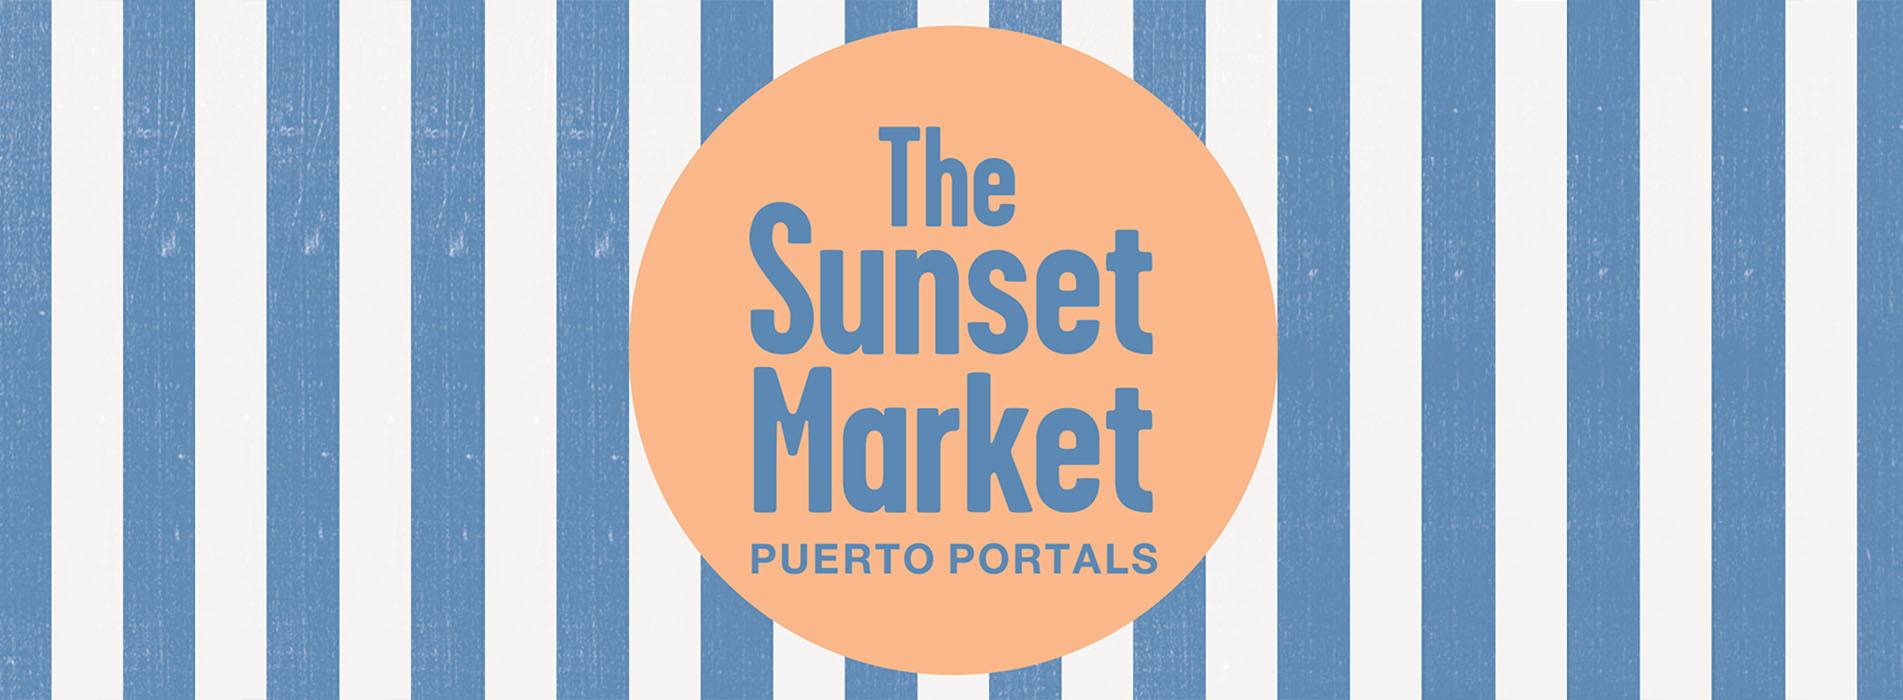 http://www.puertoportals.com/content/uploads/main/galleries/698/sunset_1503910674_1522233634_1548835886.jpg